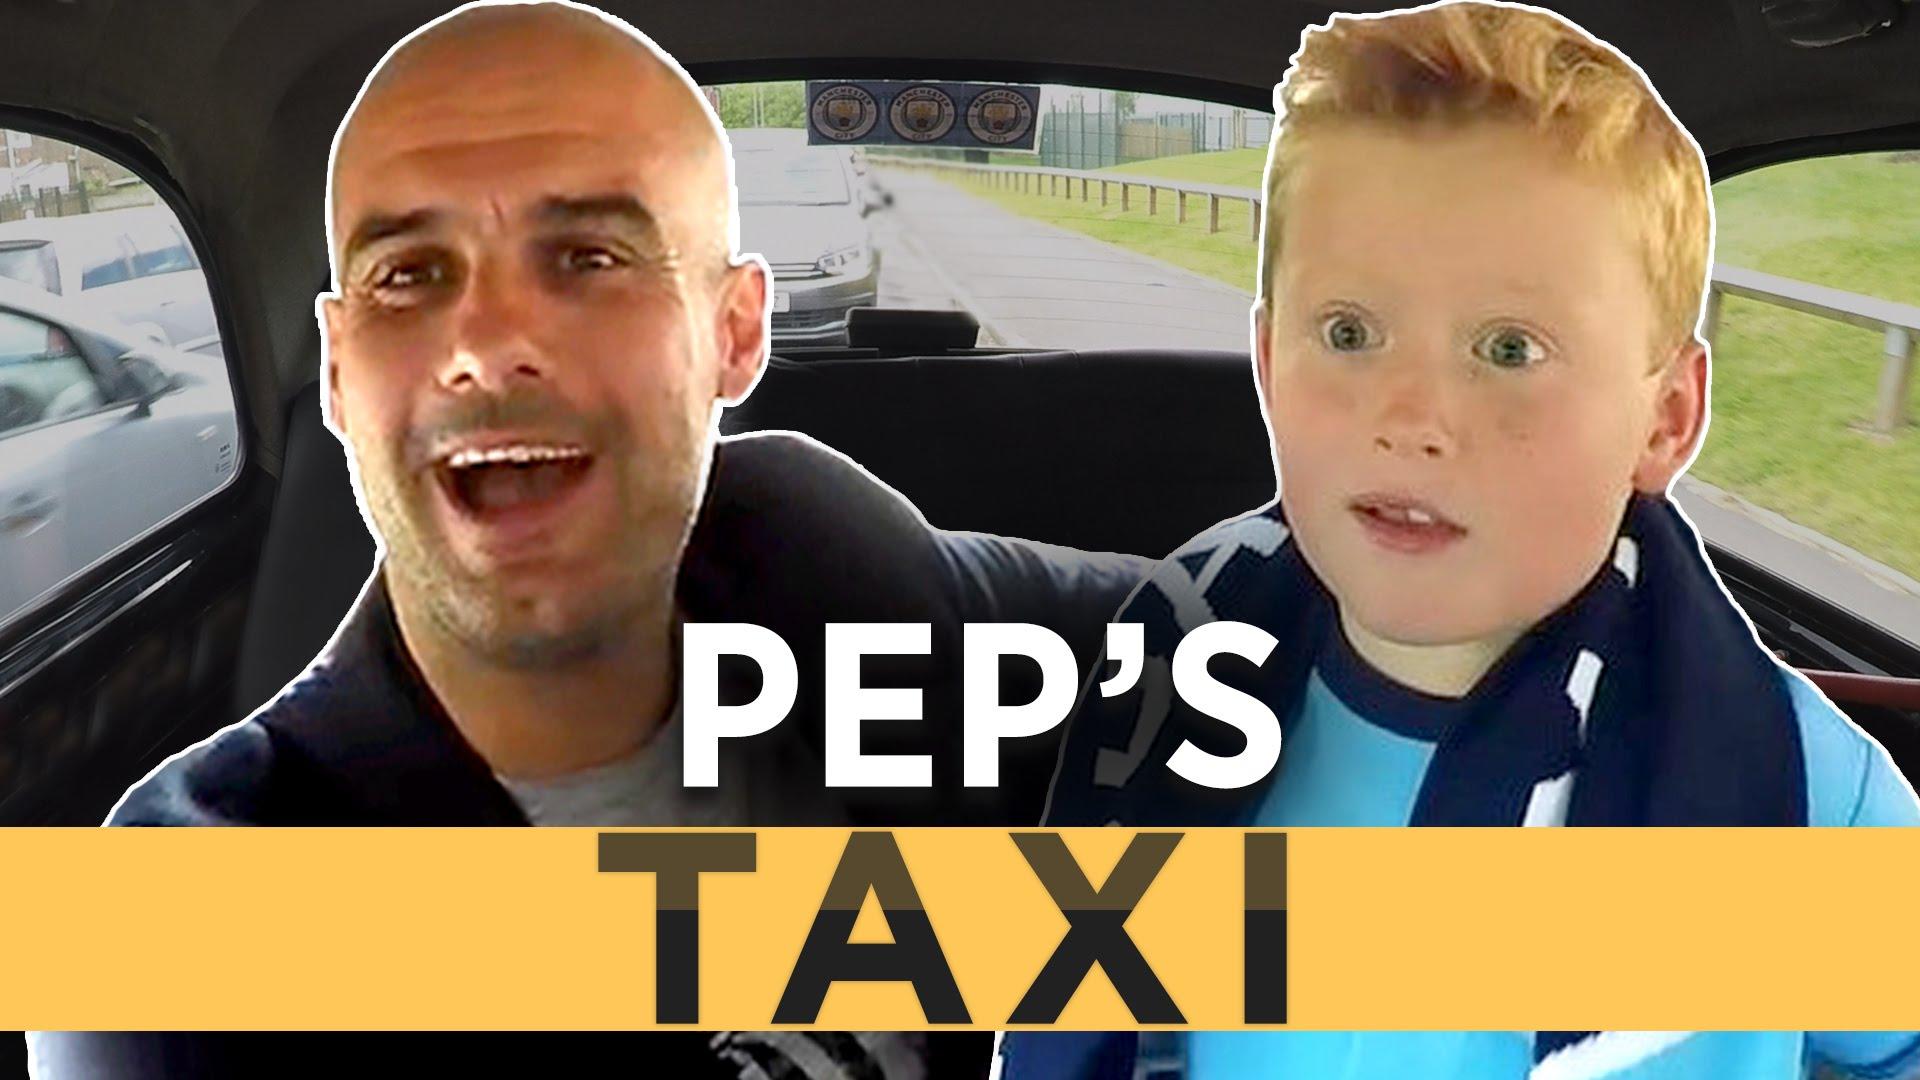 La sorpresa de Pep Guardiola a un petit fan del Manchester City